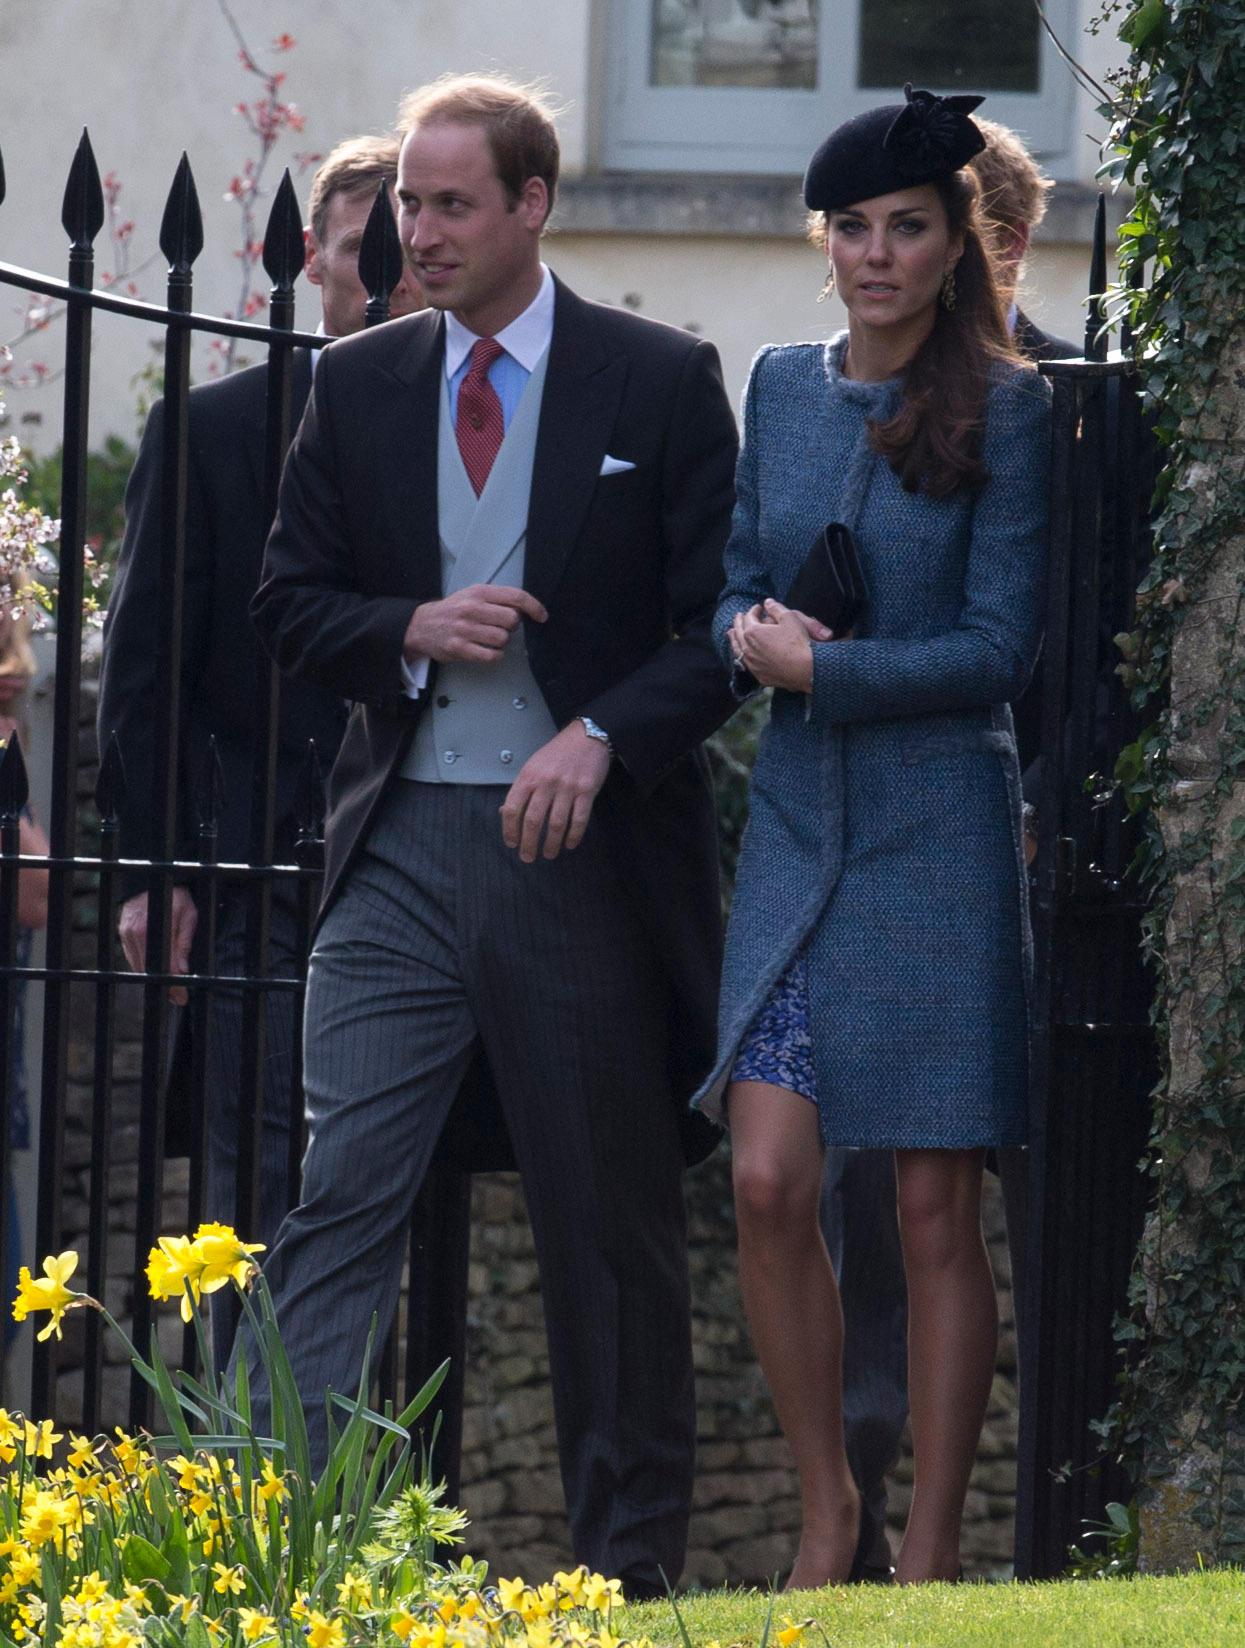 Prinz William und Herzogin Catherine bei der Hochzeit ihrer guten Freunde Lucy Meade und Charlie Budgett im Mai 2014